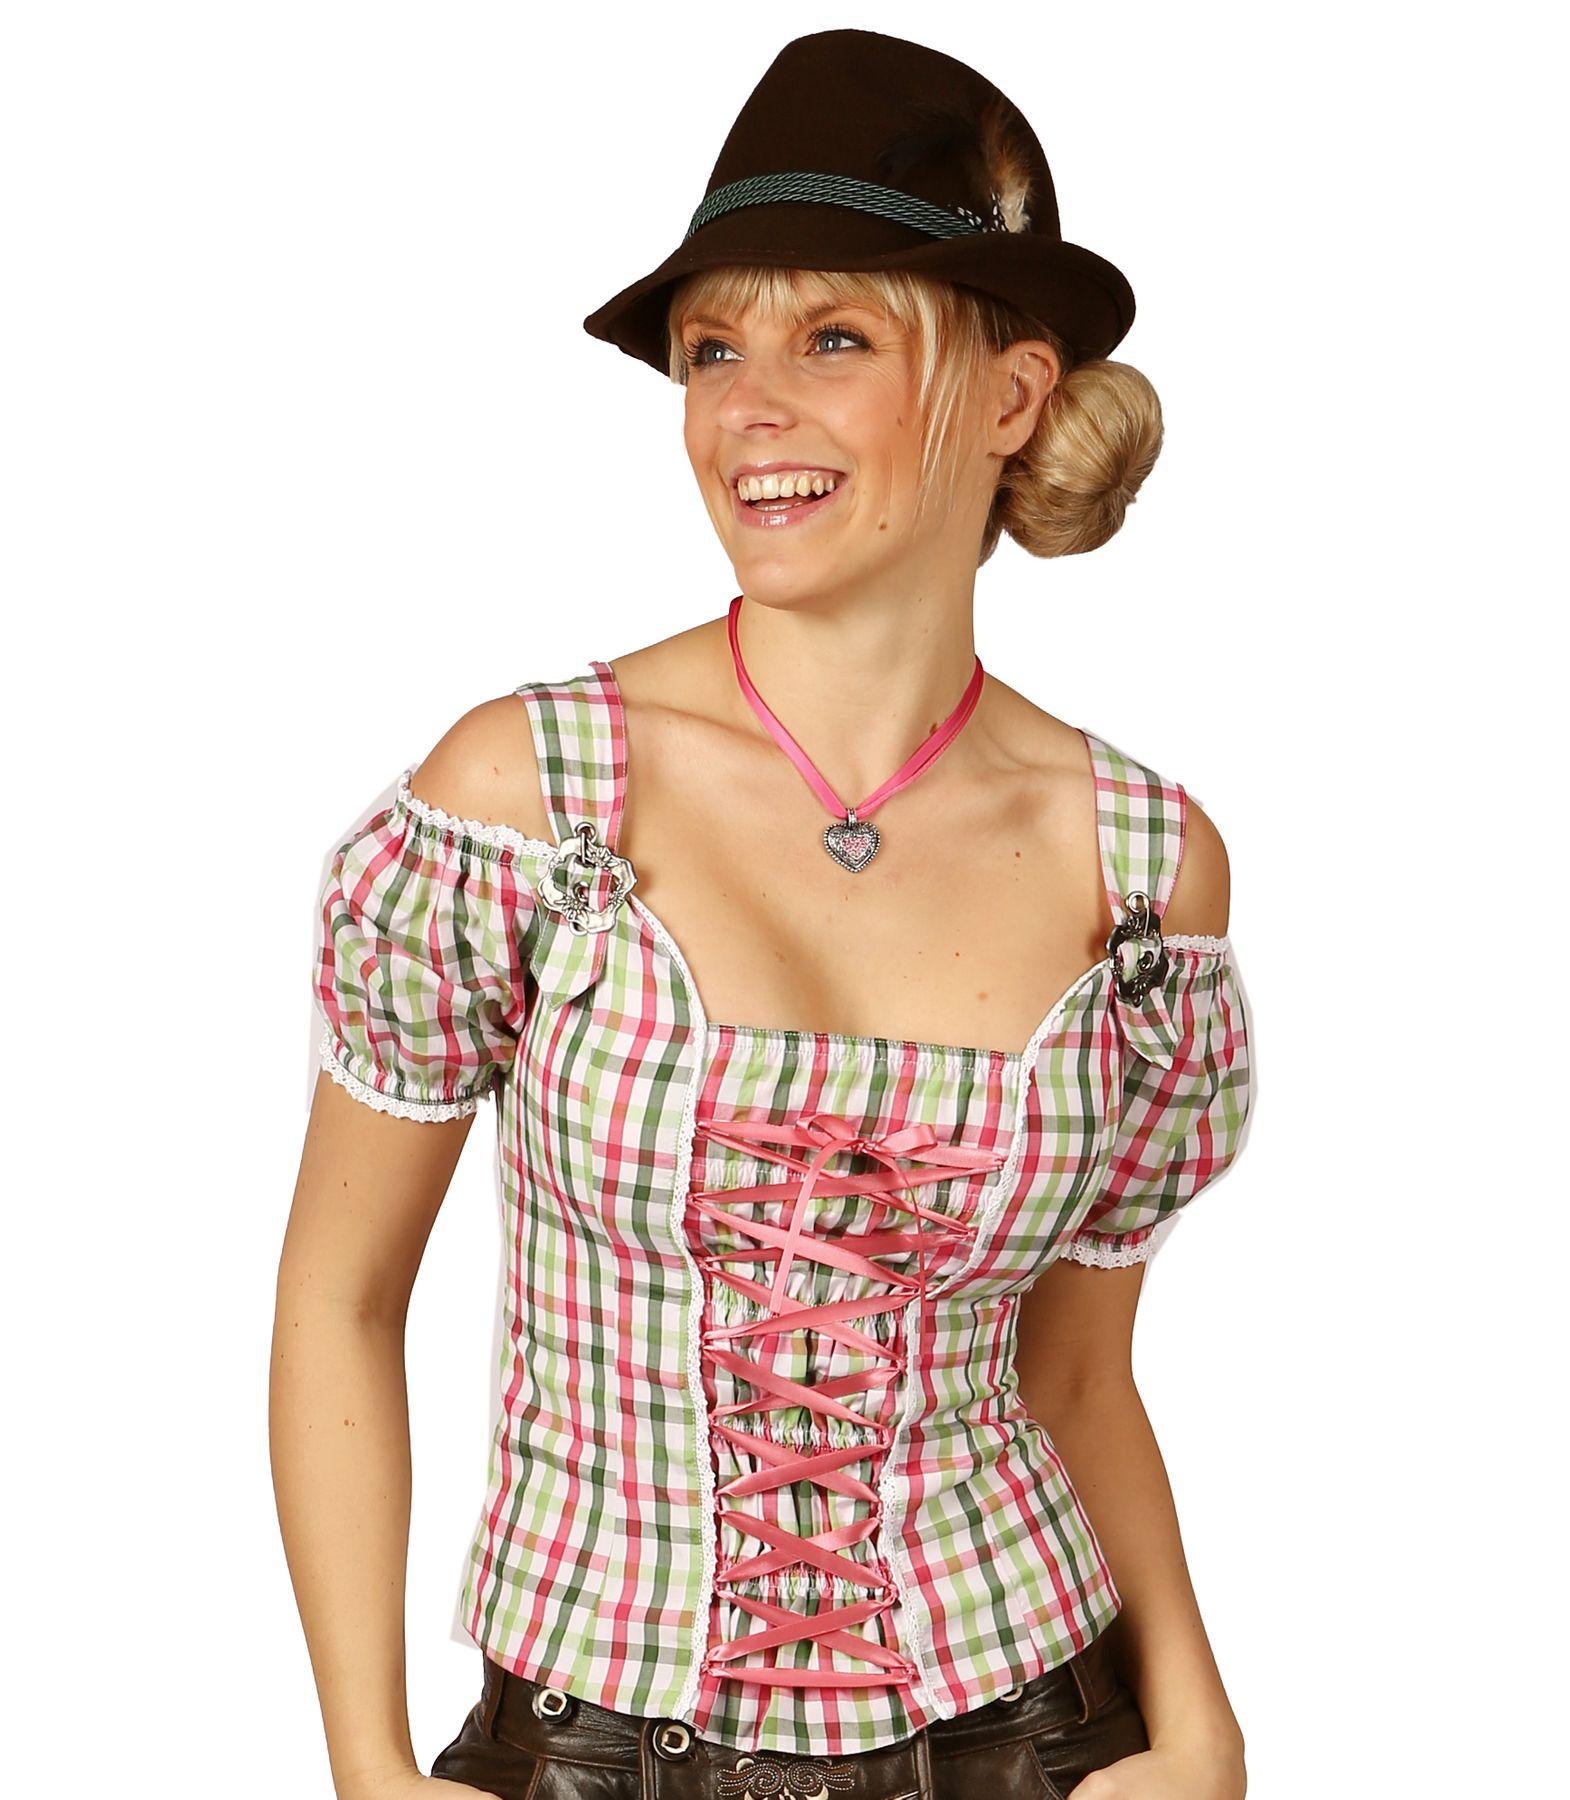 Fuchs Trachten - Damen Trachten Bluse in versch. Farben, (Artikelnummer: 4543) – Bild 3